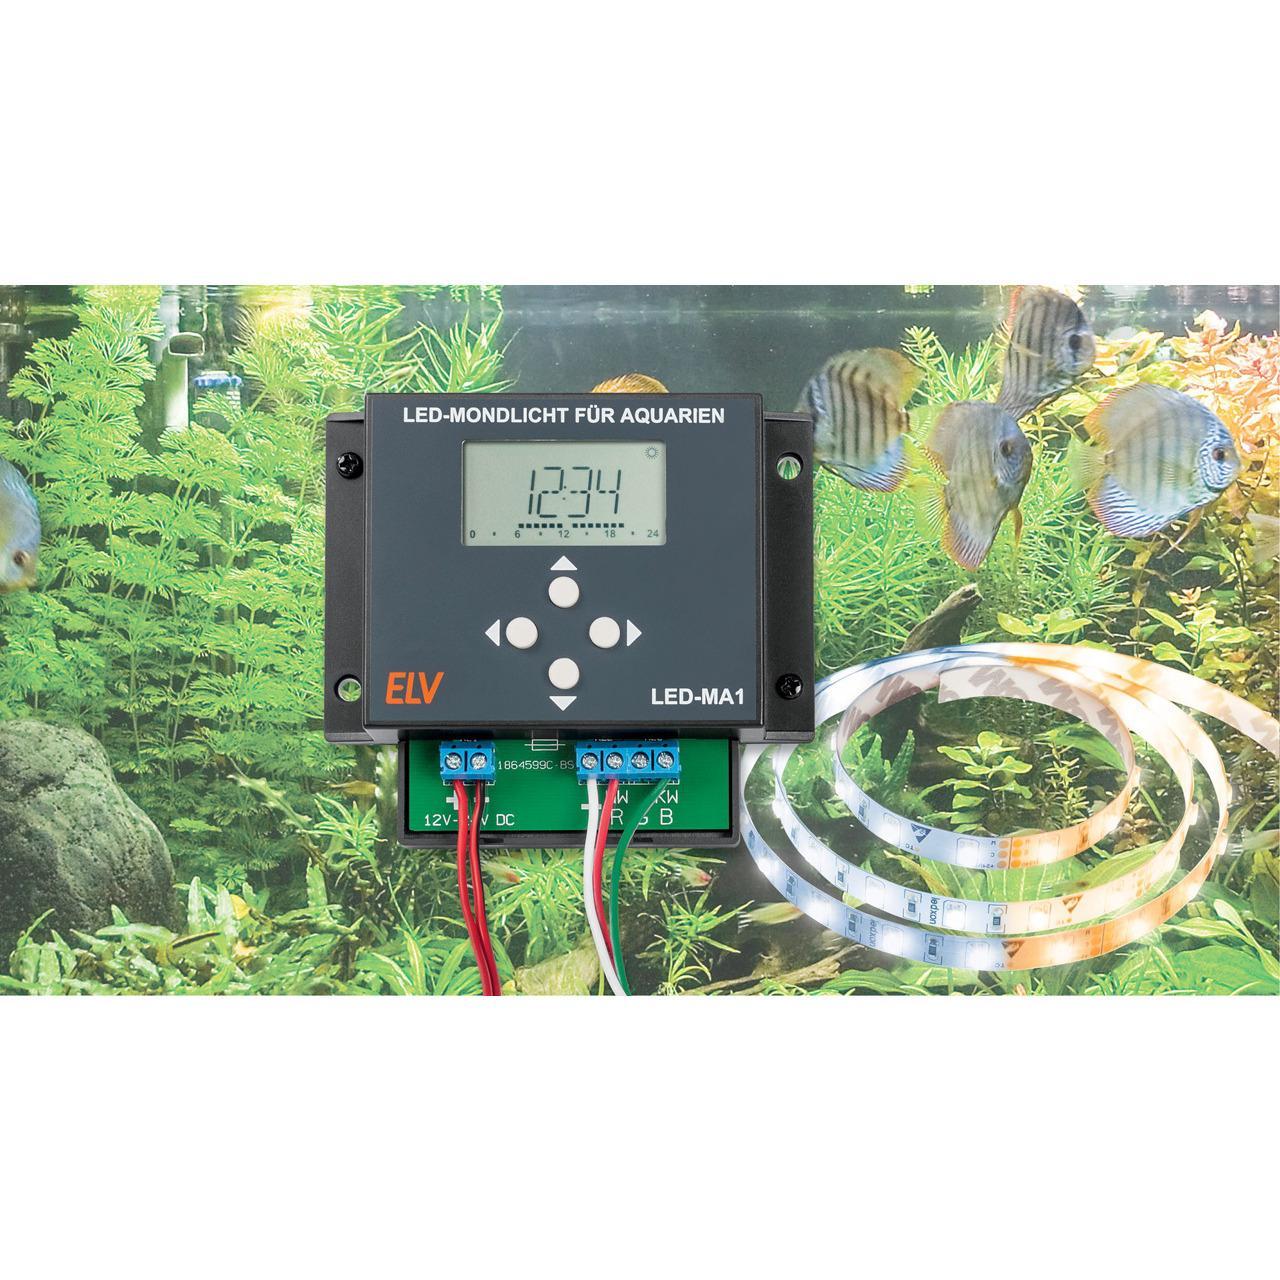 ELV Bausatz LED-Mondlicht für Aquarien LED-MA1